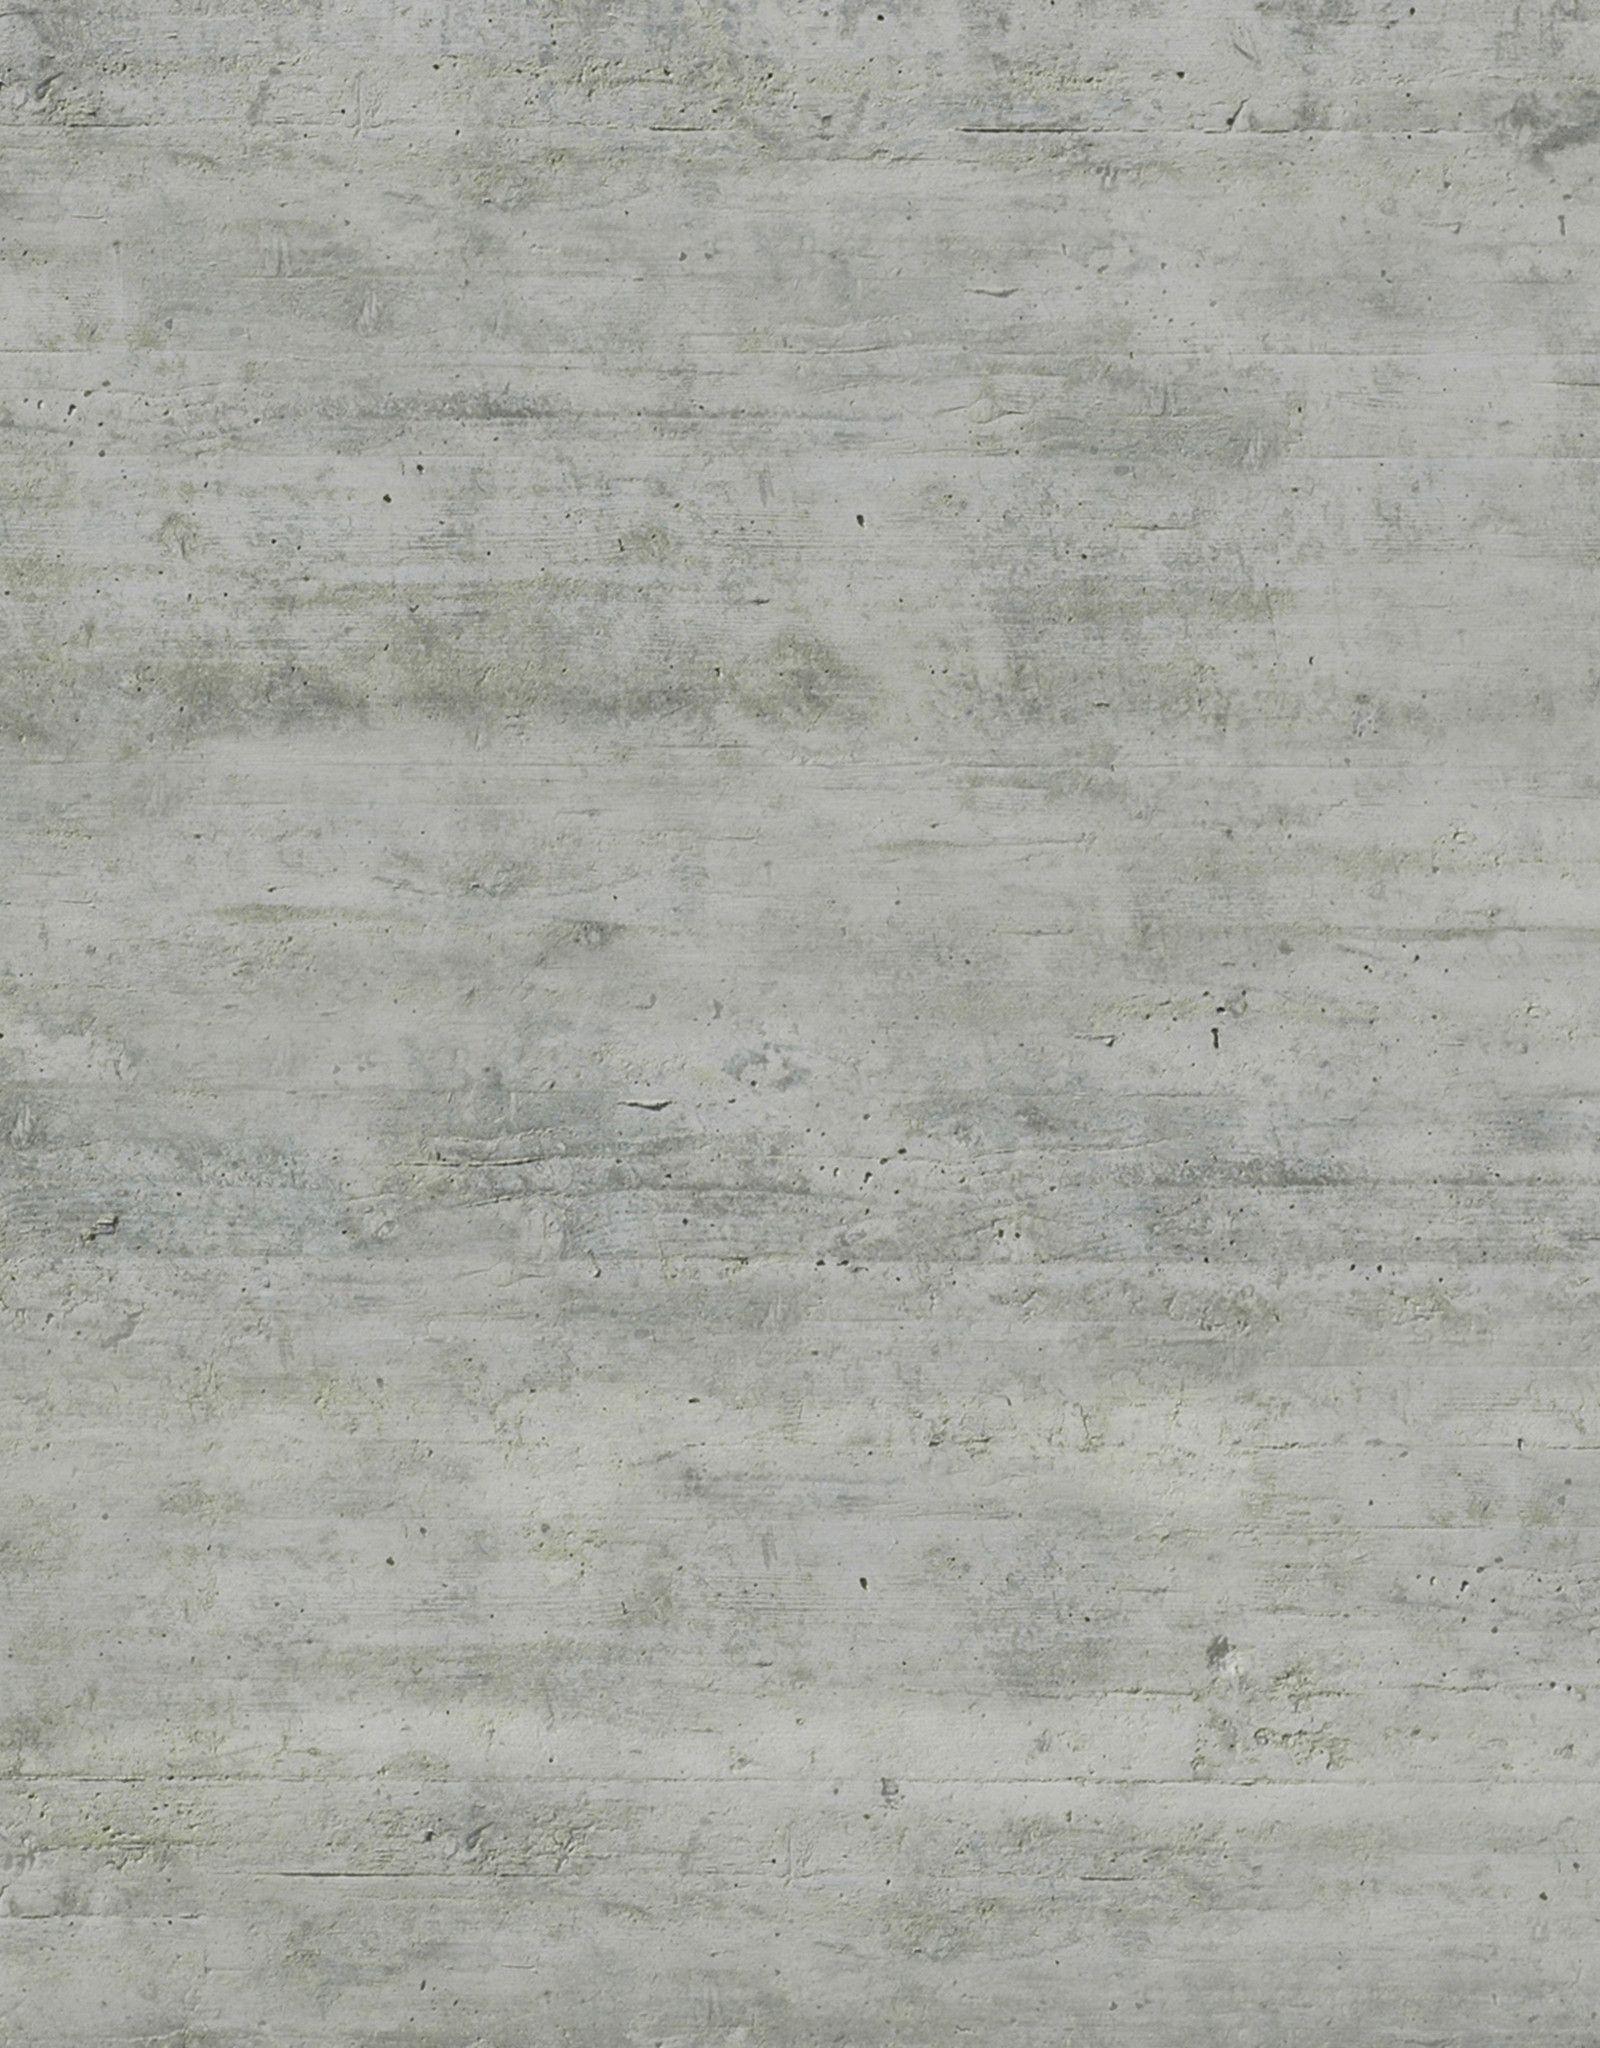 Faux Concrete Re Stik Concrete Texture Faux Concrete Wall Concrete Materials